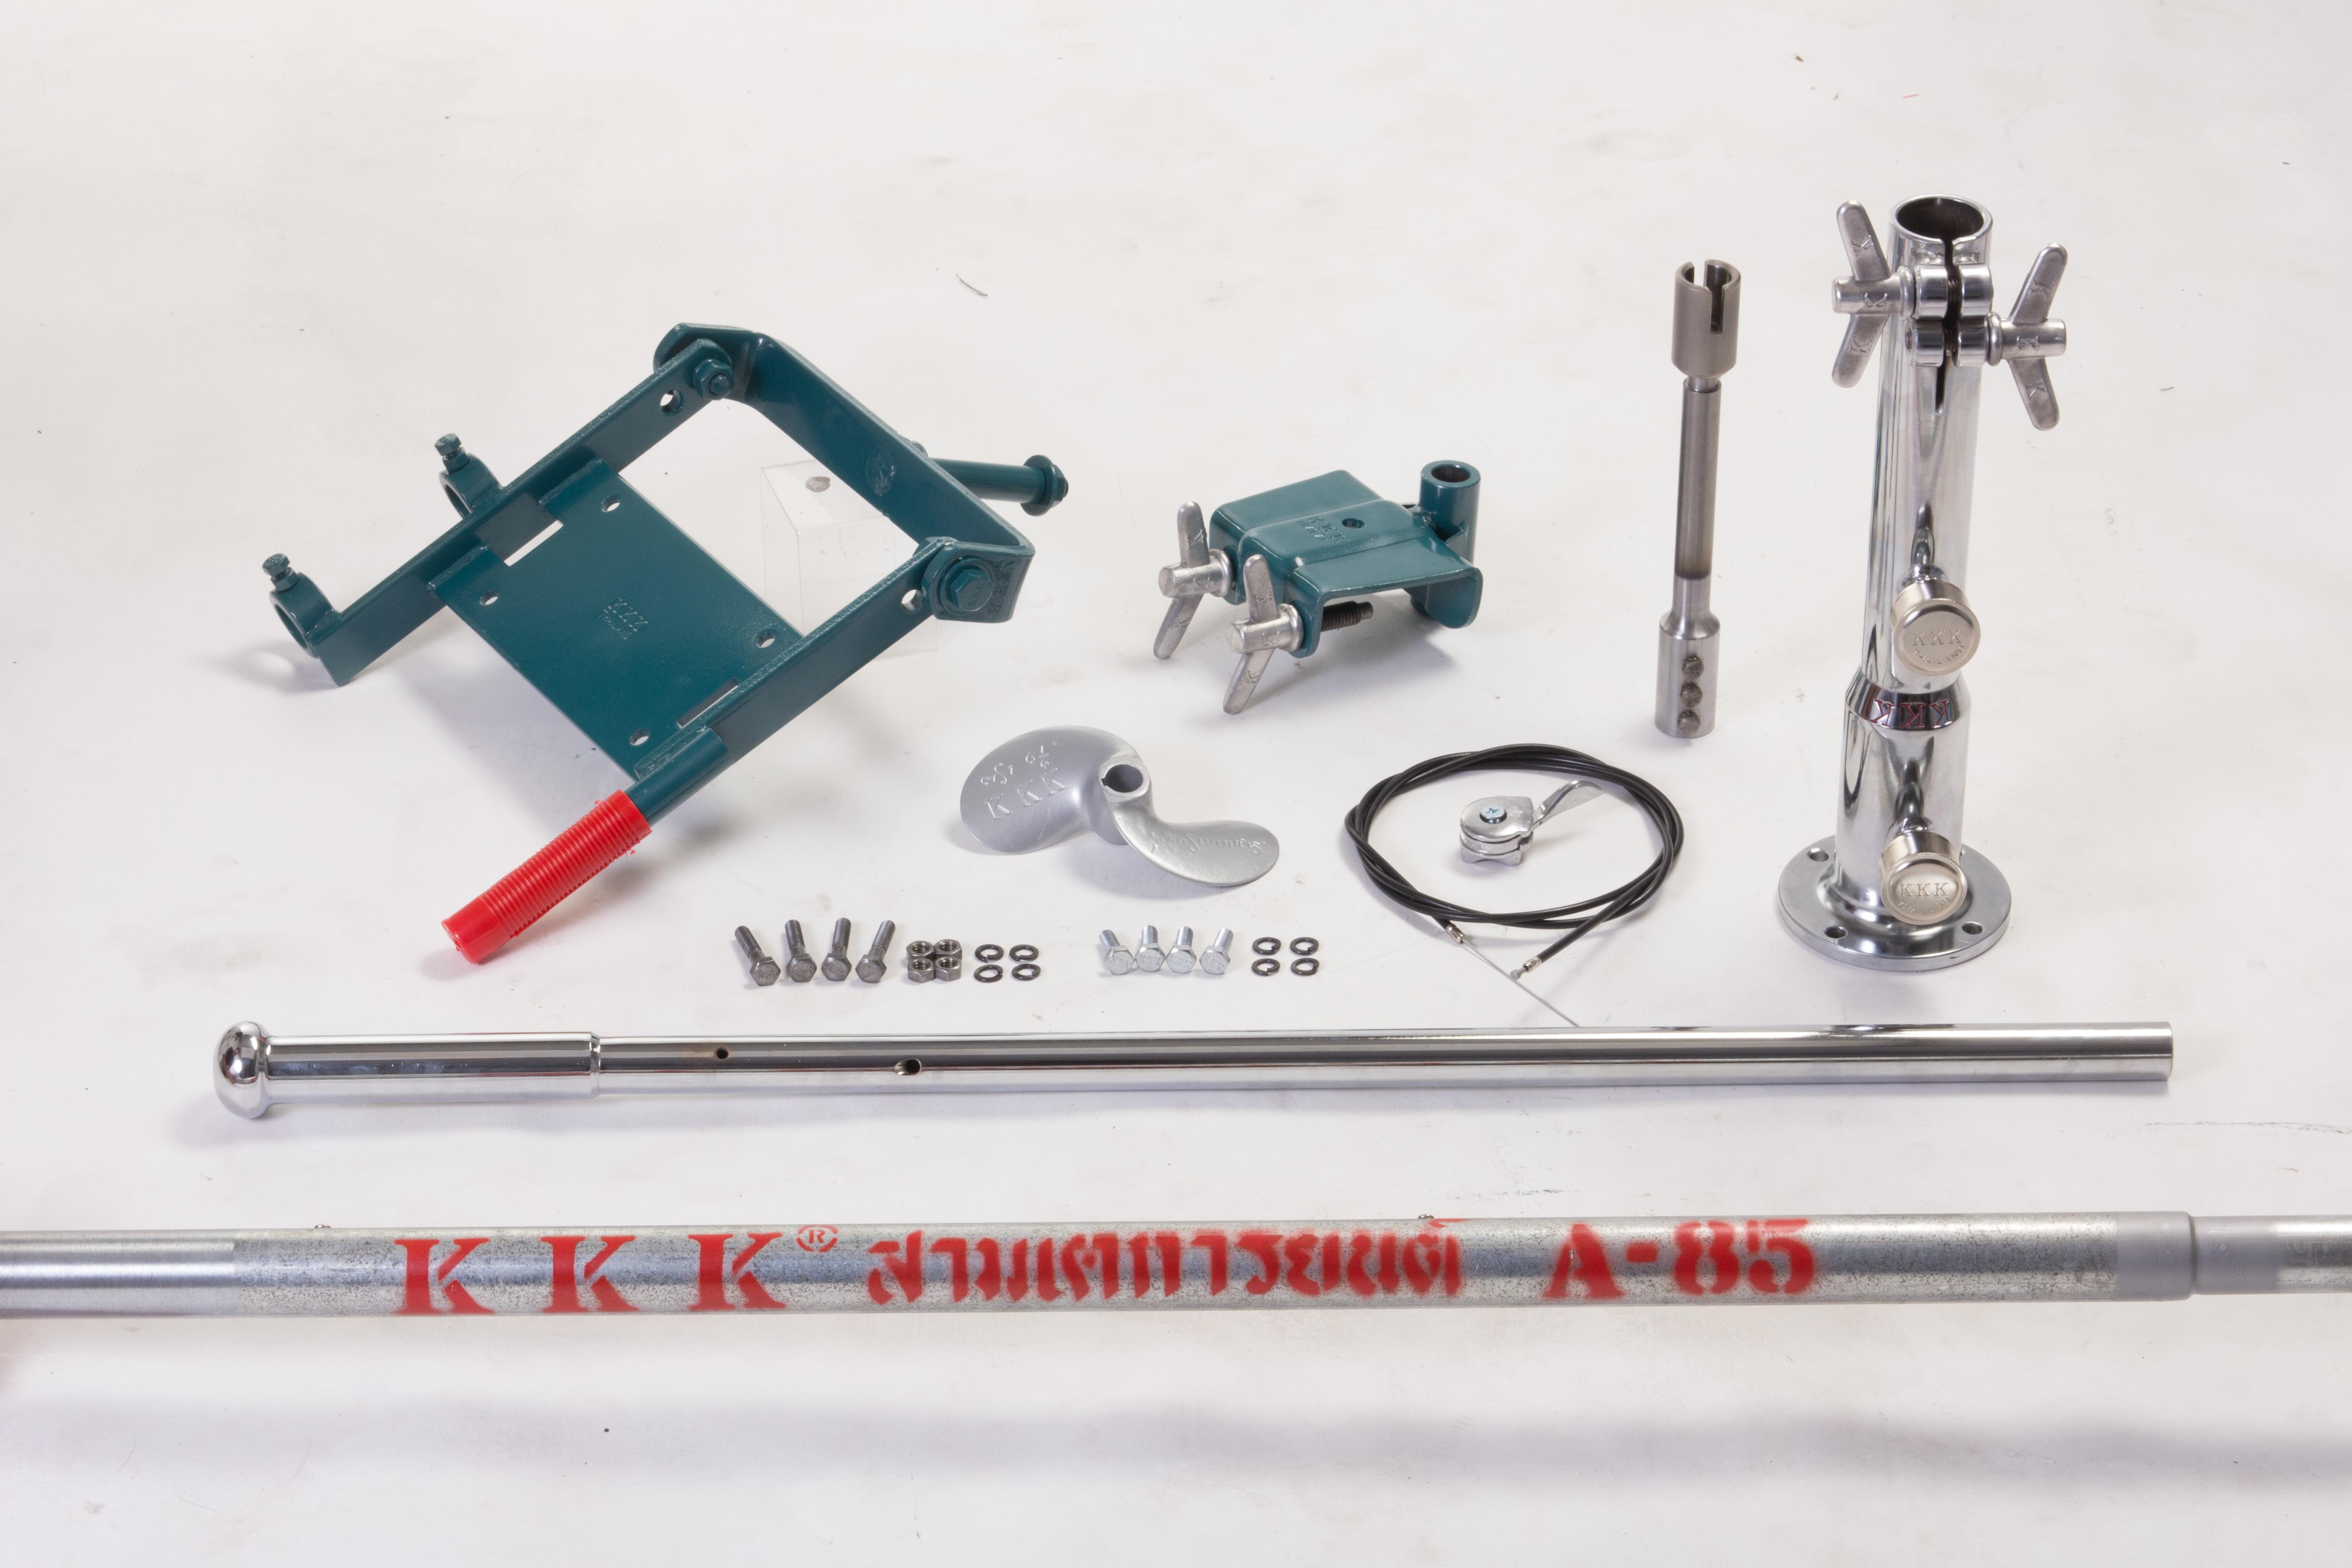 Honda Outboard Engine, Ltob 7.5 HP, Petrol, 4 Stroke